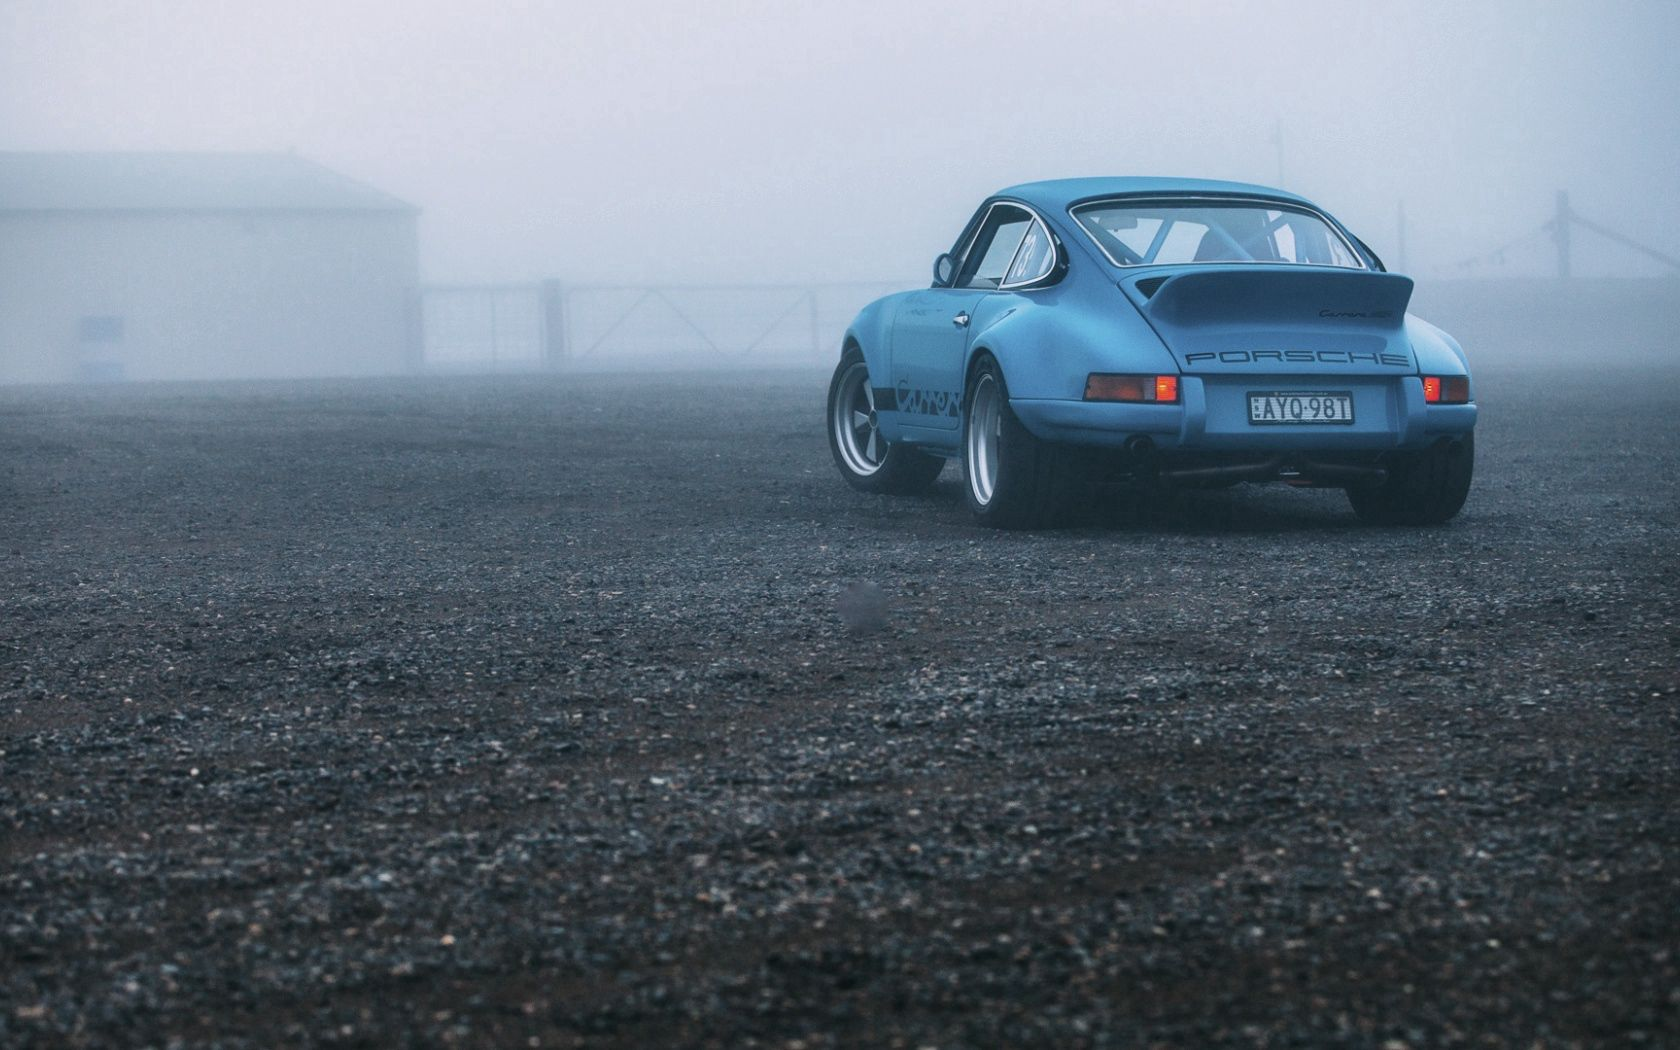 59219 Заставки и Обои Порш (Porsche) на телефон. Скачать Порш (Porsche), Тачки (Cars), Вид Сзади, Carrera картинки бесплатно